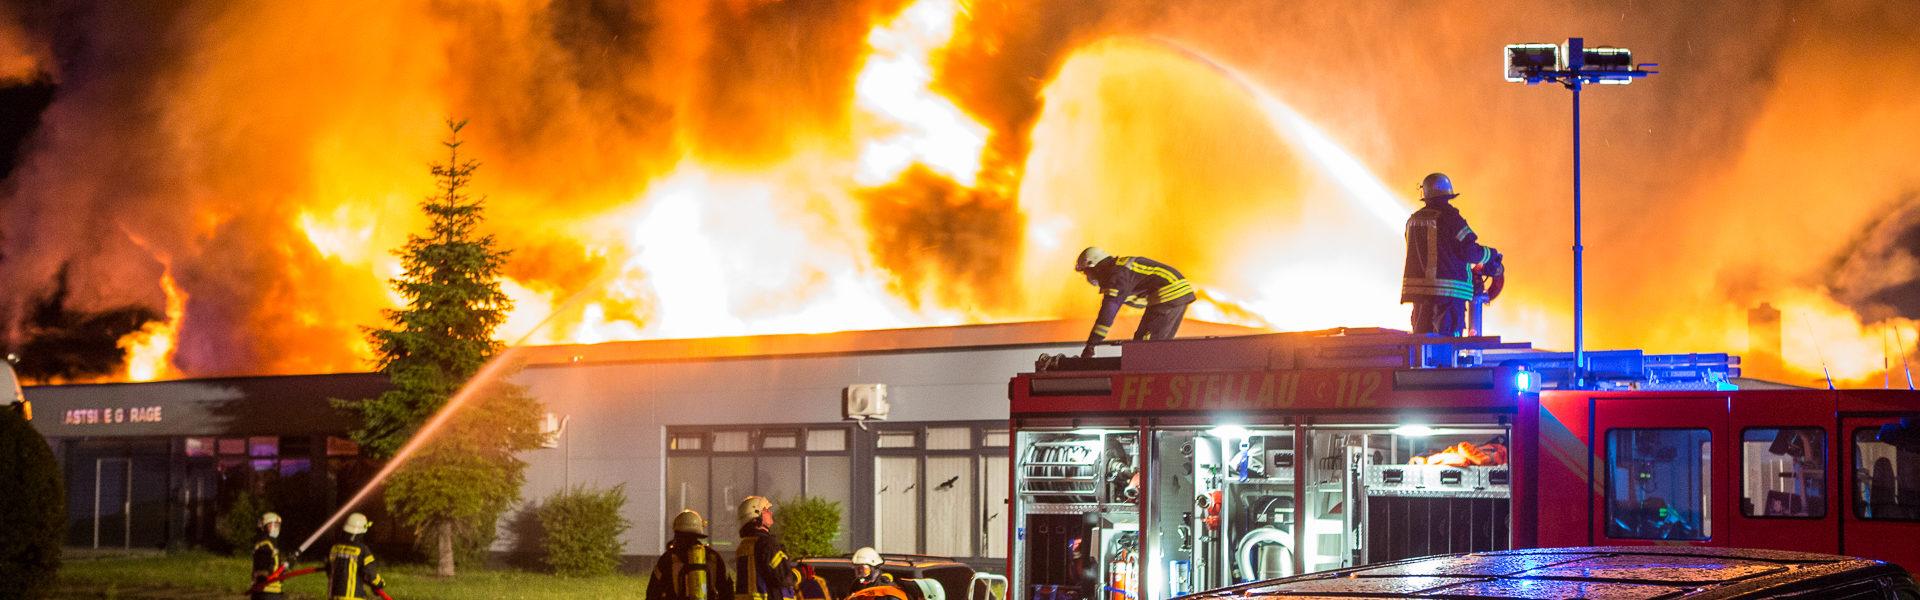 25.07.2020 – Lagerhalle brennt in Barsbüttel nieder